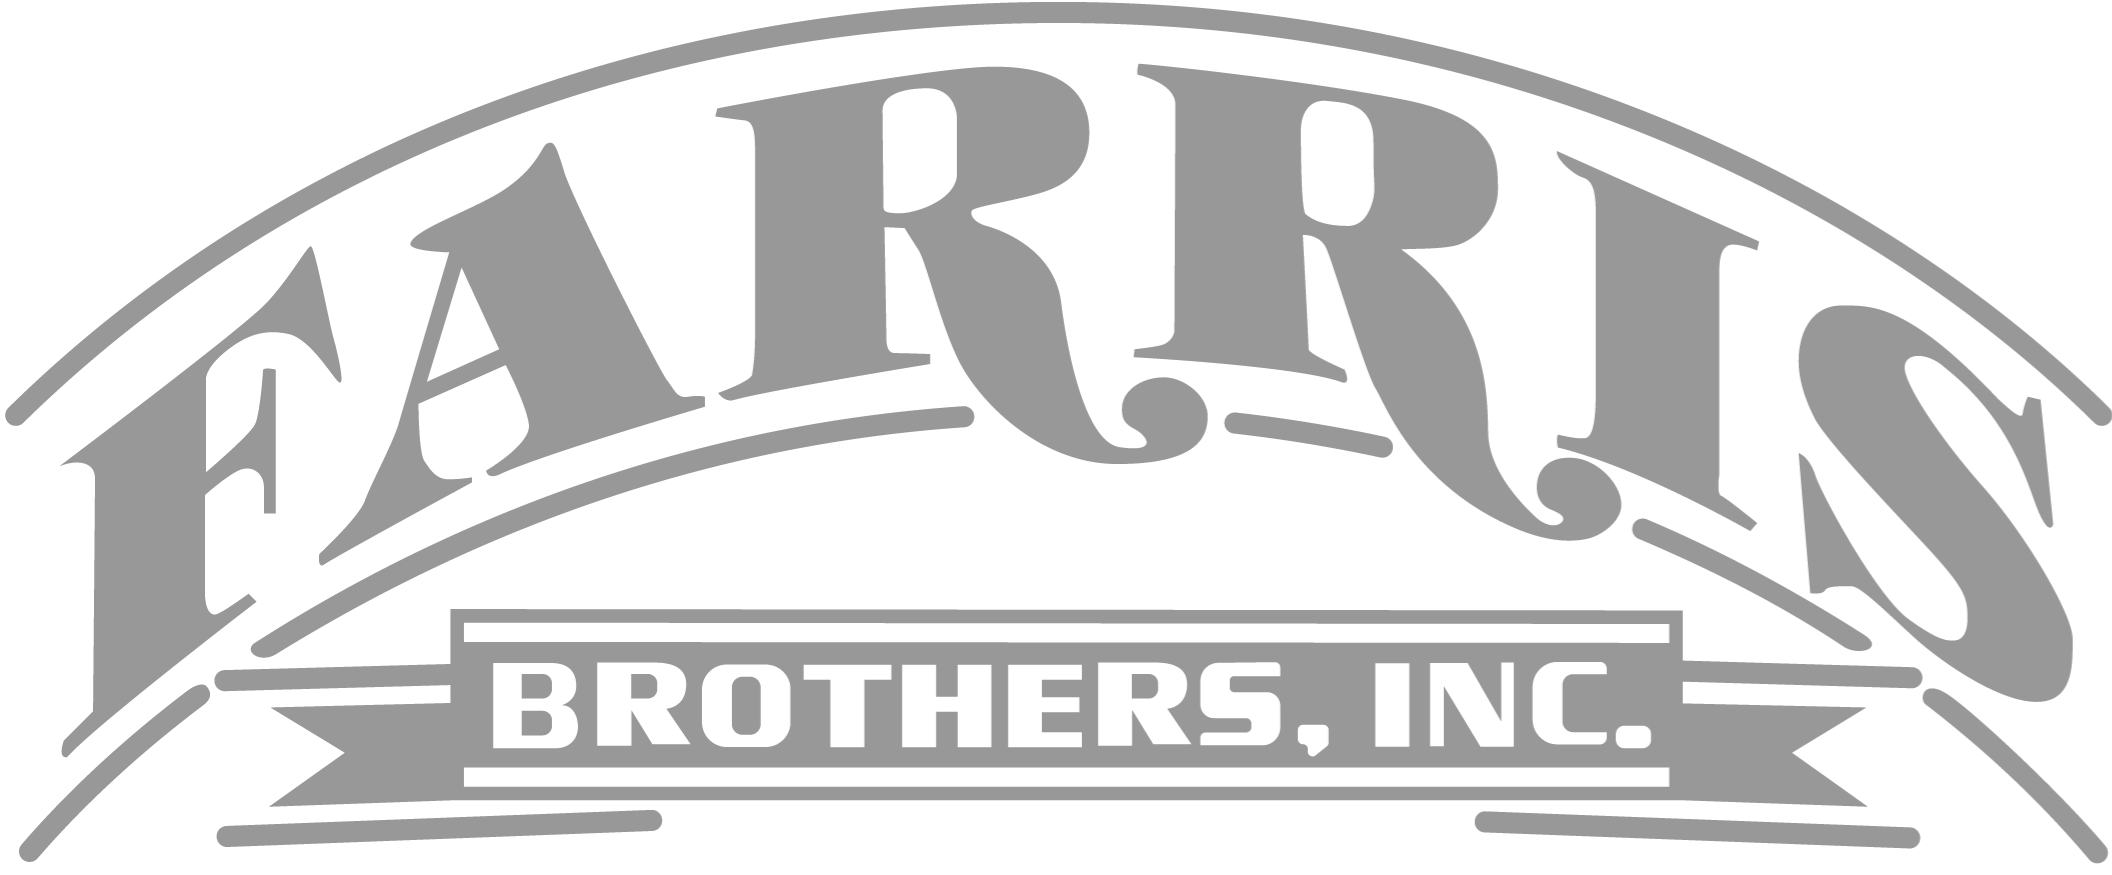 www.farrisbrothers.com PVHA-100